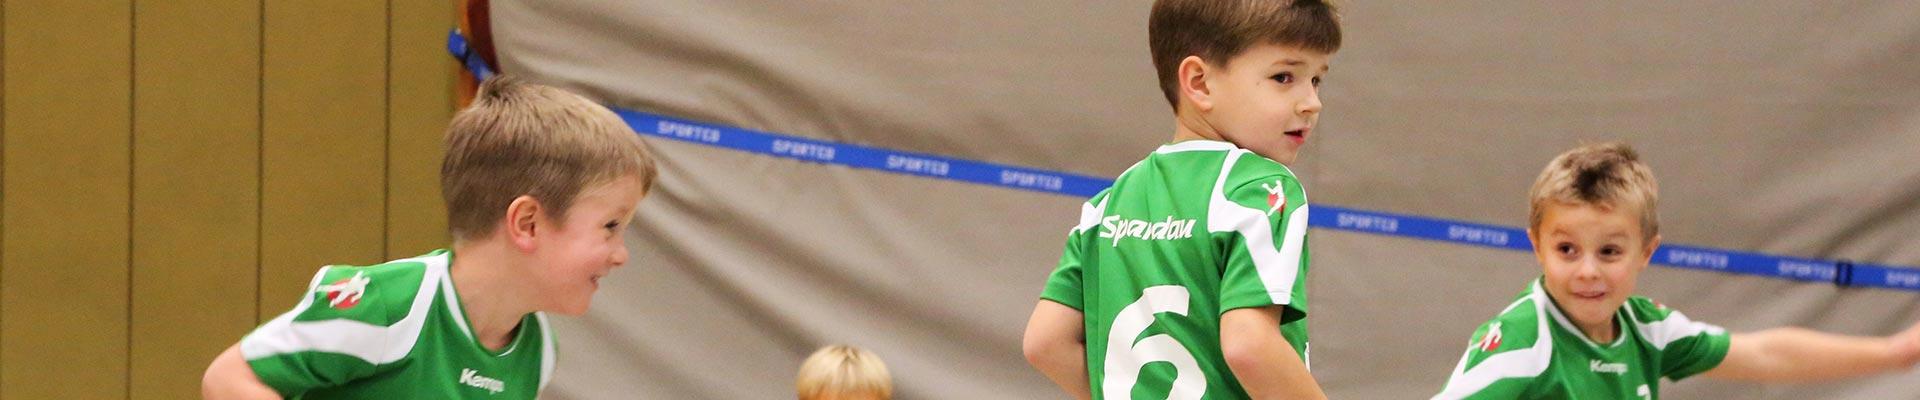 Vfv Spandau Handball